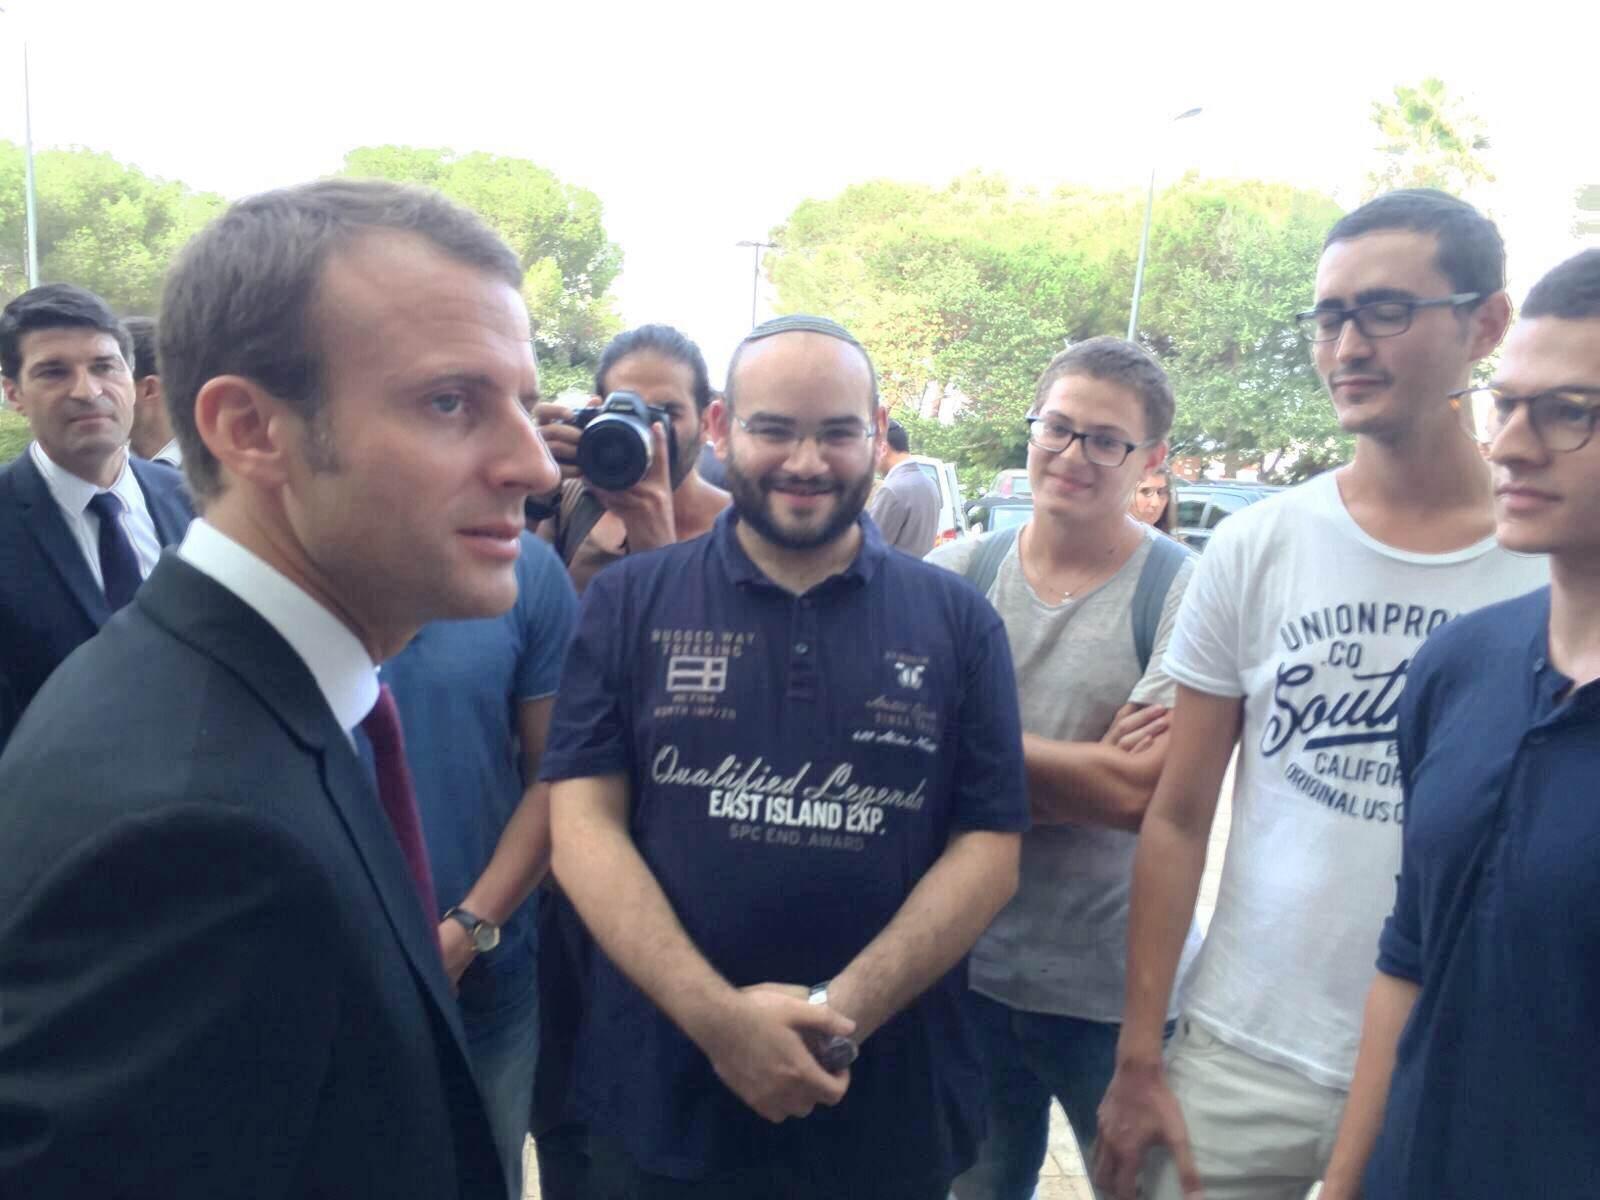 Les secrets de la visite de M Macron au Technion dévoilés par Jordan, ex de Prépa Technion